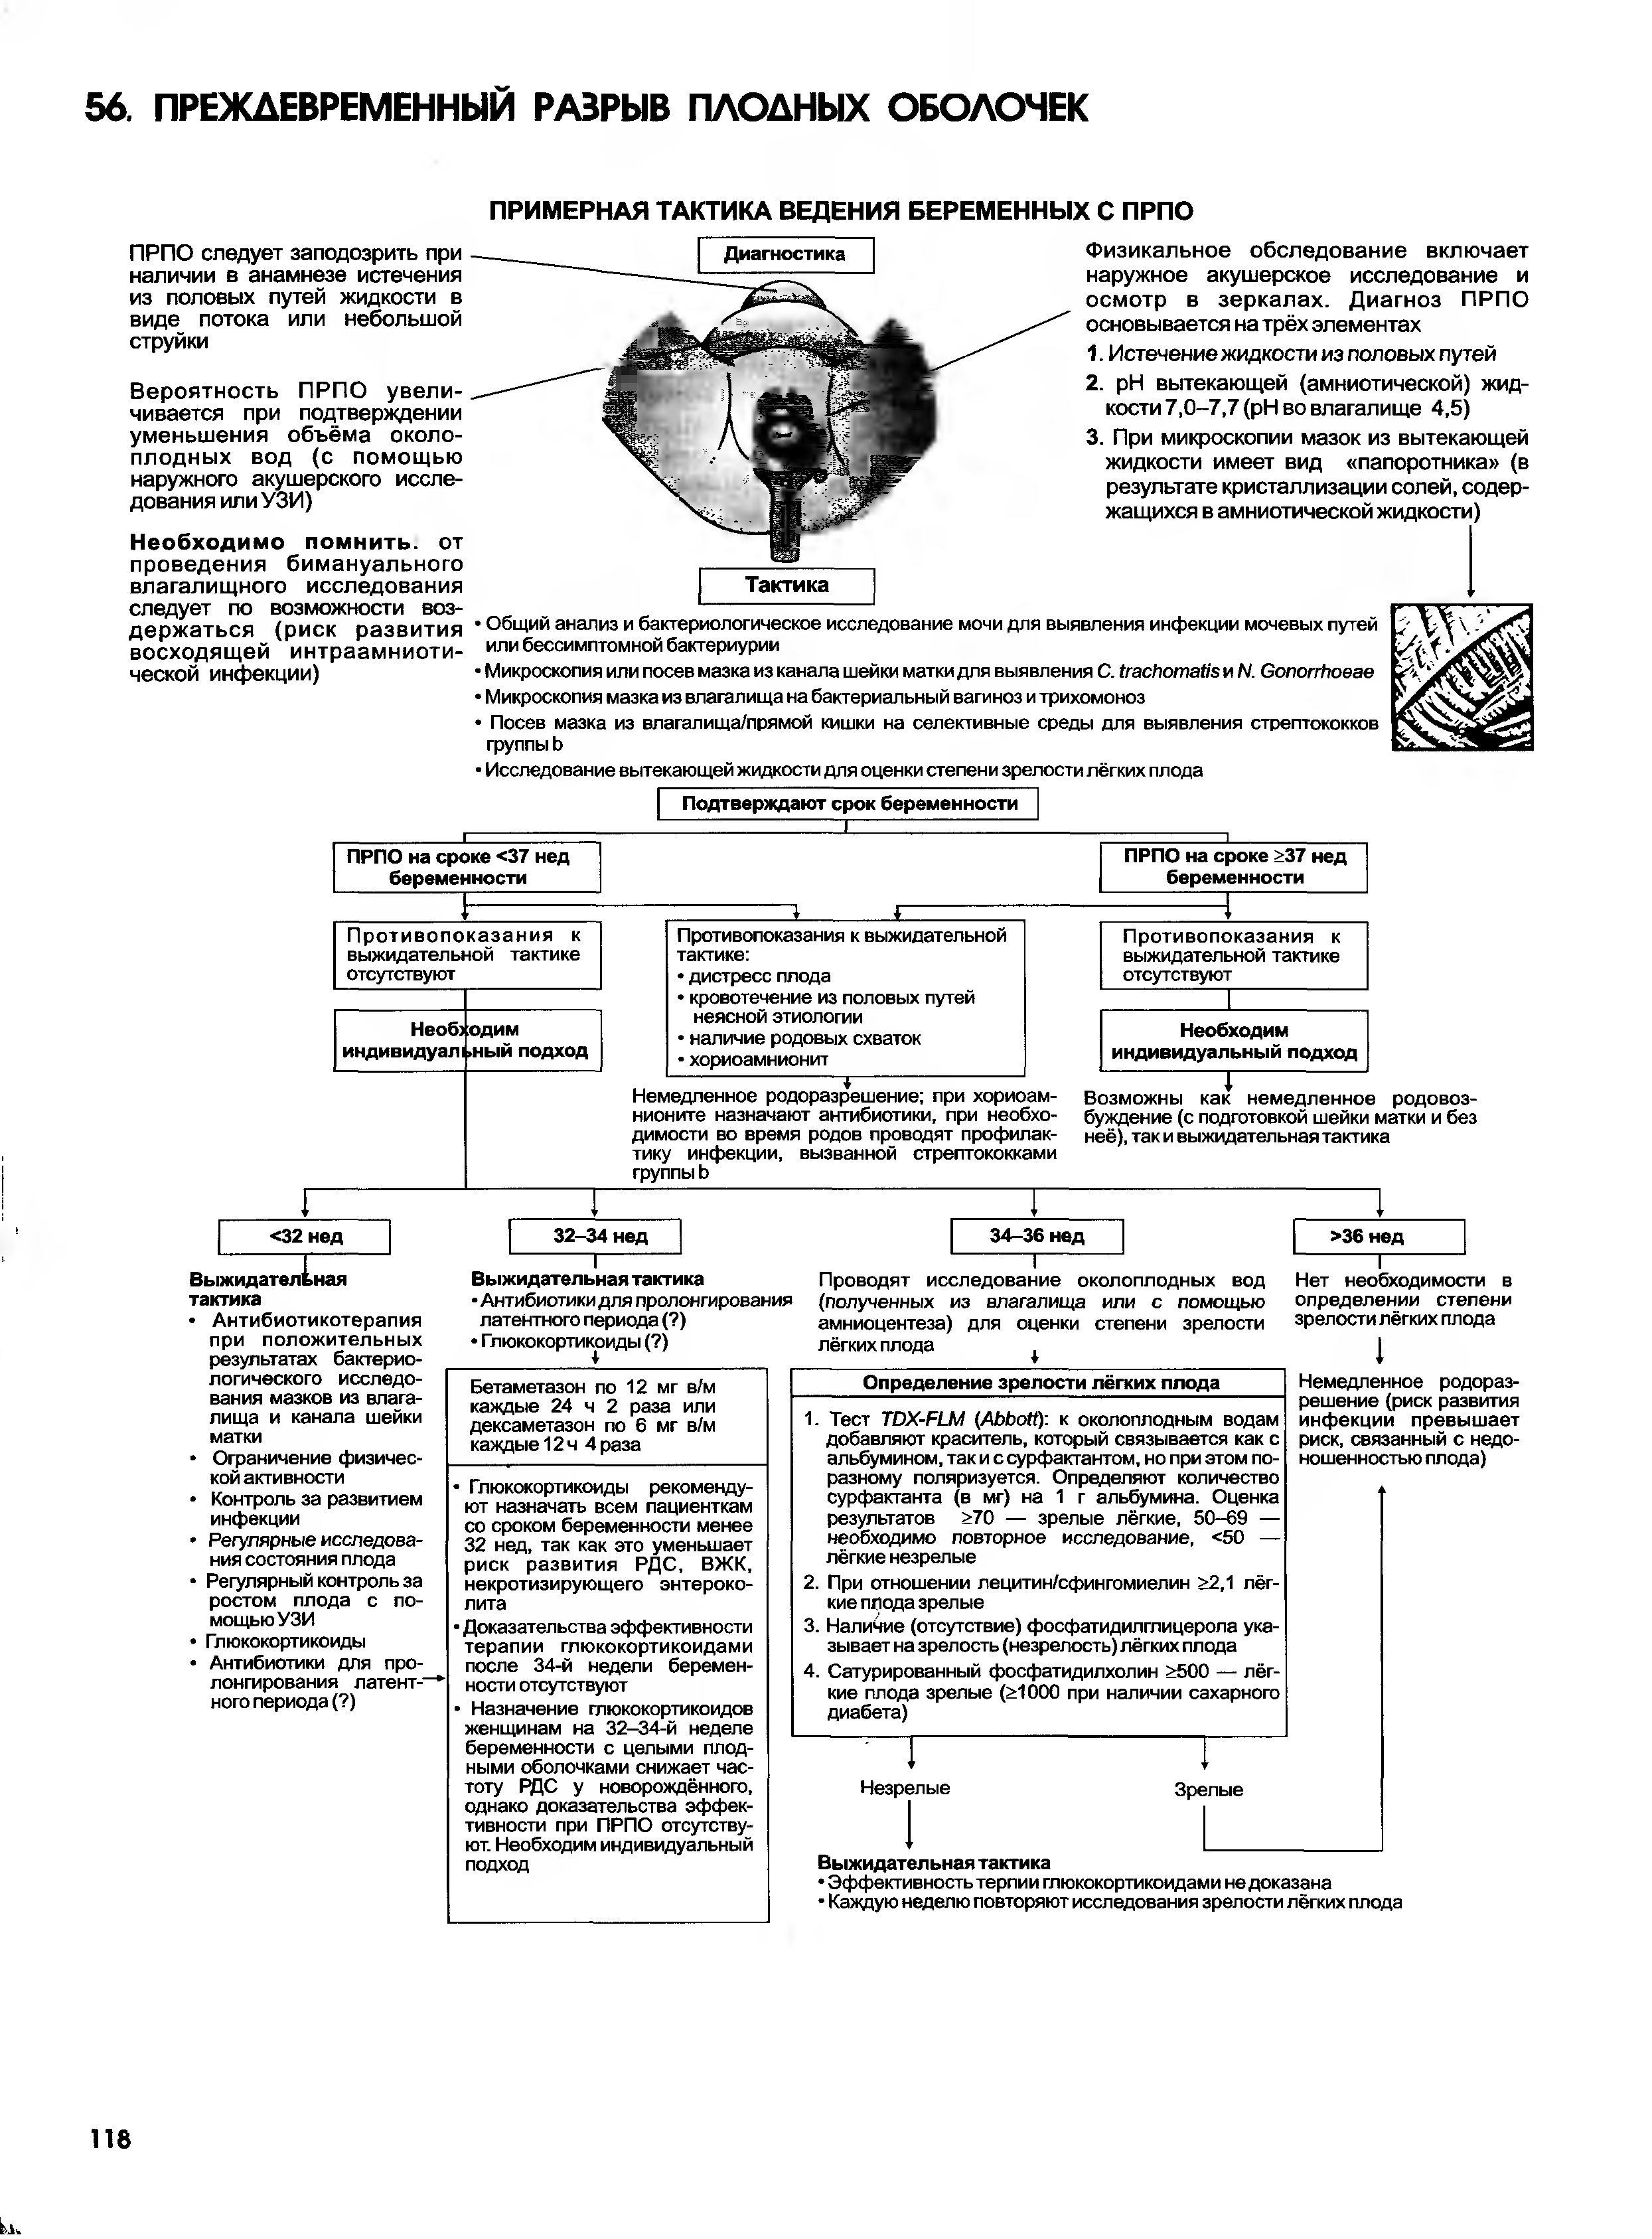 Наглядные акушерство и гинекология. Эролл Р. Норвиц, Джон О. Шордж